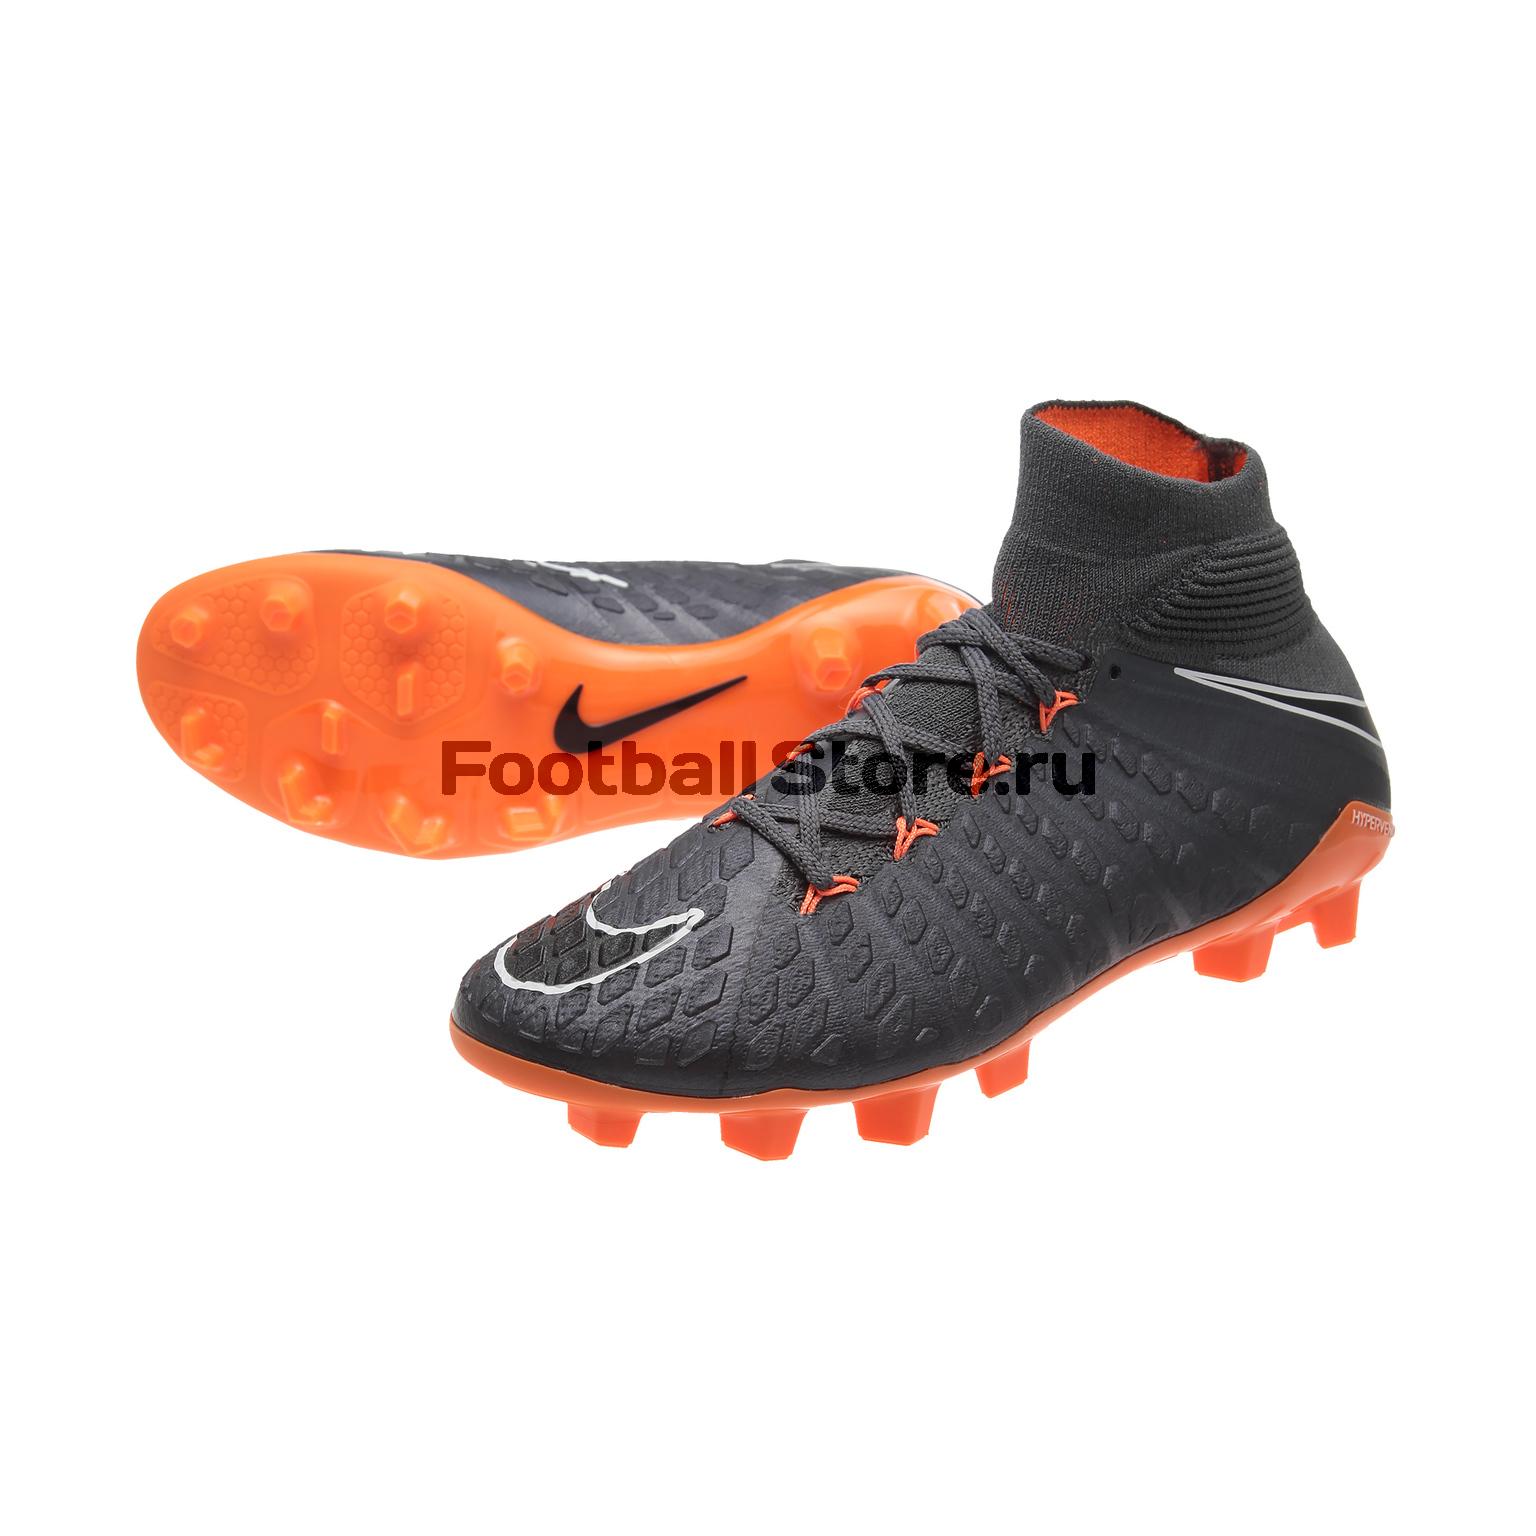 269cdb53 Бутсы детские Nike Phantom 3 Elite DF FG AH7292-081 – купить в ...